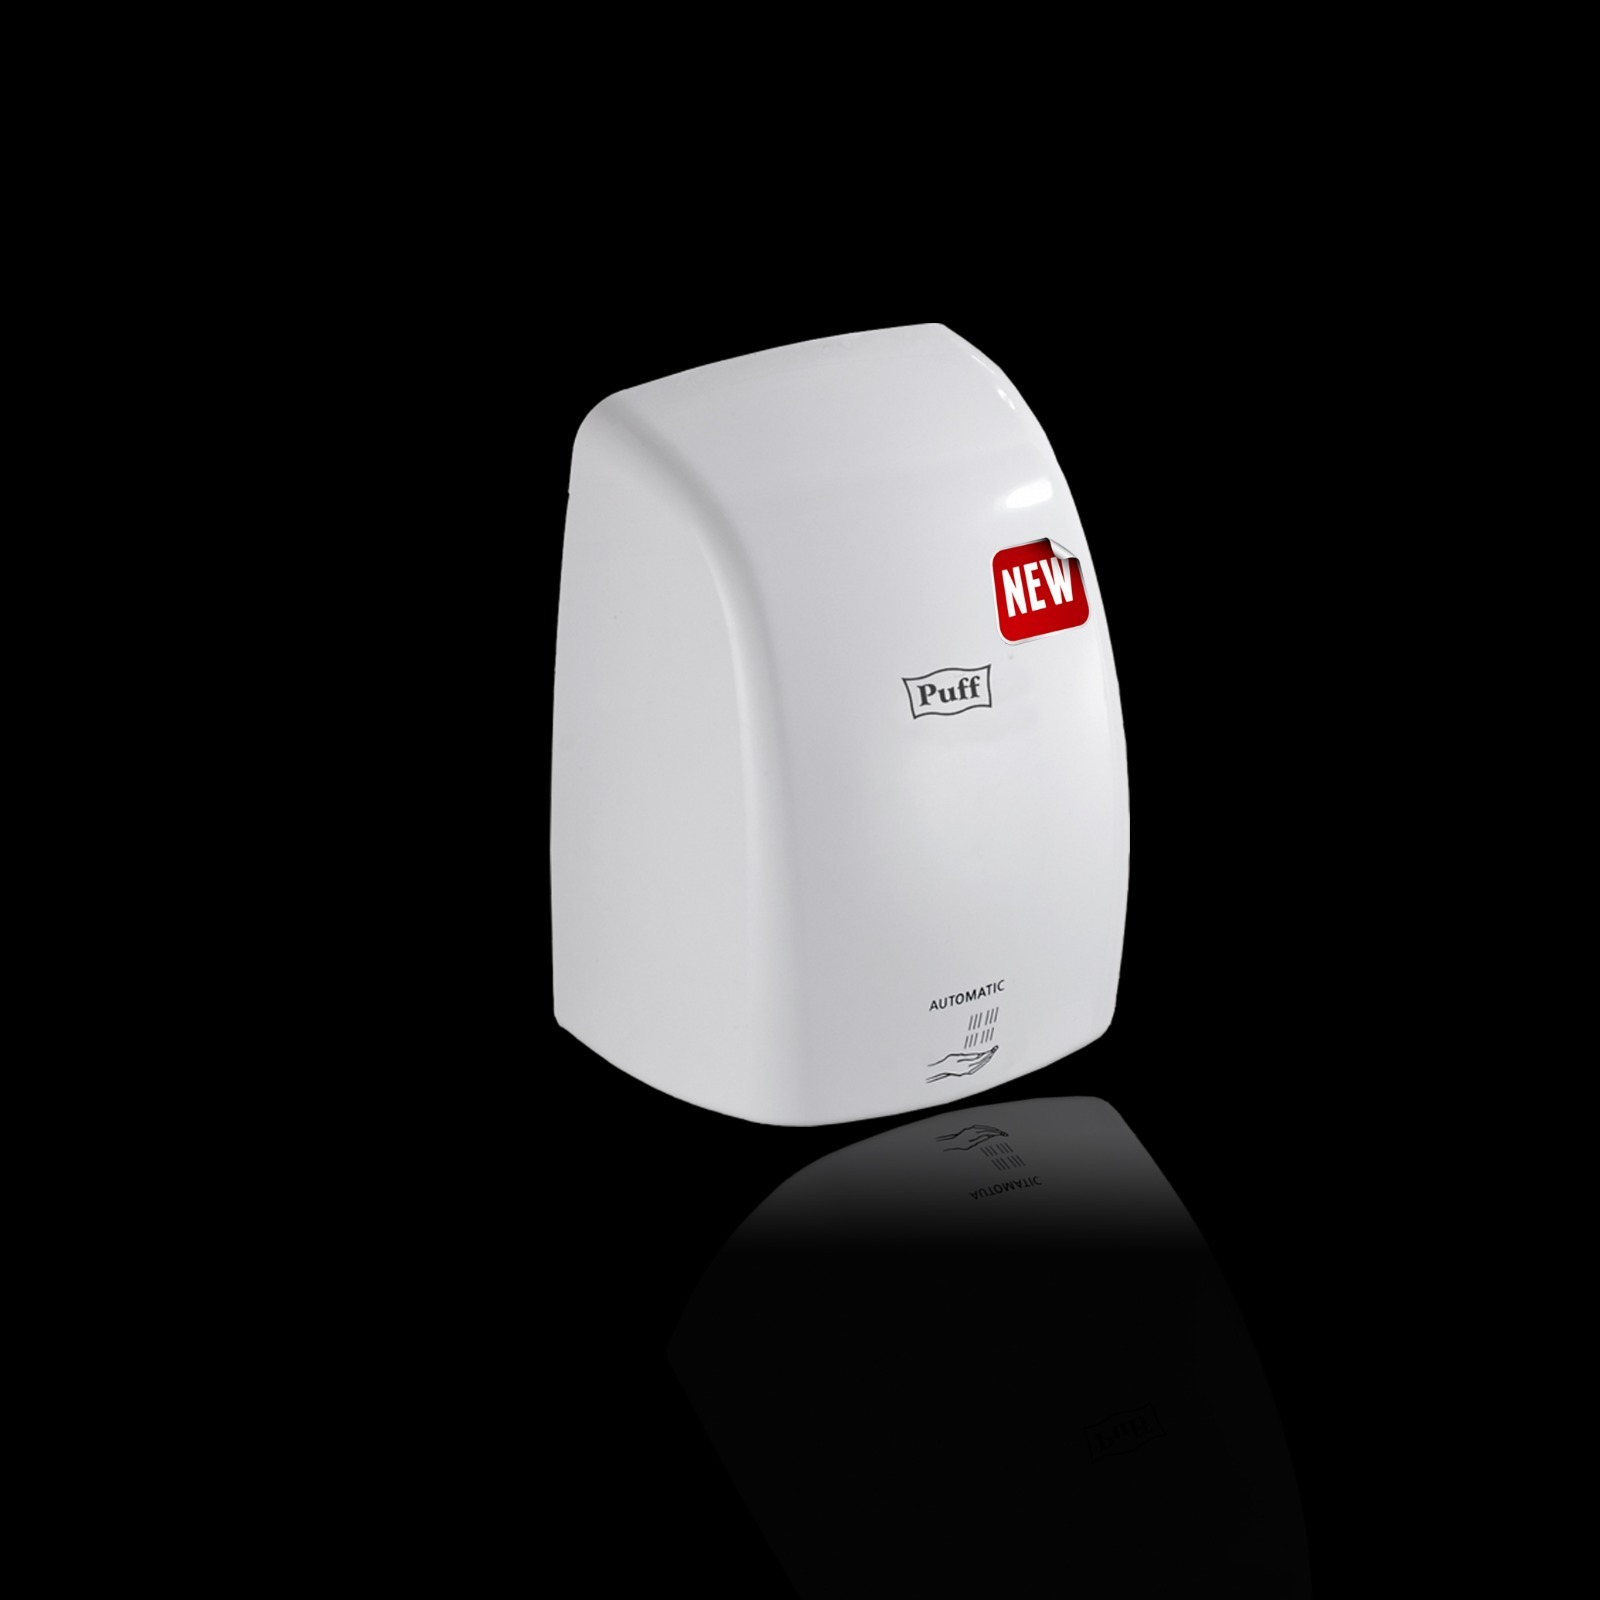 Тихая Высокоскоростная сушилка для рукPuff-8815Подробнее  Уникальная новинка! Инновационныя технология Двигателя позволяет данной сушилке при мощности всего 1 кВт, выдавать максимальную скорость воздушного потока 95 м/с    Материал корпуса: ABC-ПластикЦвет: БелыйМощность (Вт): 1000Скорость воздушного потока (м/сек): 95Время сушки рук (сек): 5-7Механизм включения: автоматическийОбласть срабатывания сенсора, см: 5-20Уровень шума, дБ: 55Температура воздушного потока, 40-50 °CКласс влагозащищенности: IPX 1Защита от перегрева/перегрузки: даВес брутто/нетто, кг: 1,3/1,4Габаритные размеры (мм) (ШхГхВ): 155х148х220Гарантия: 12 мес.